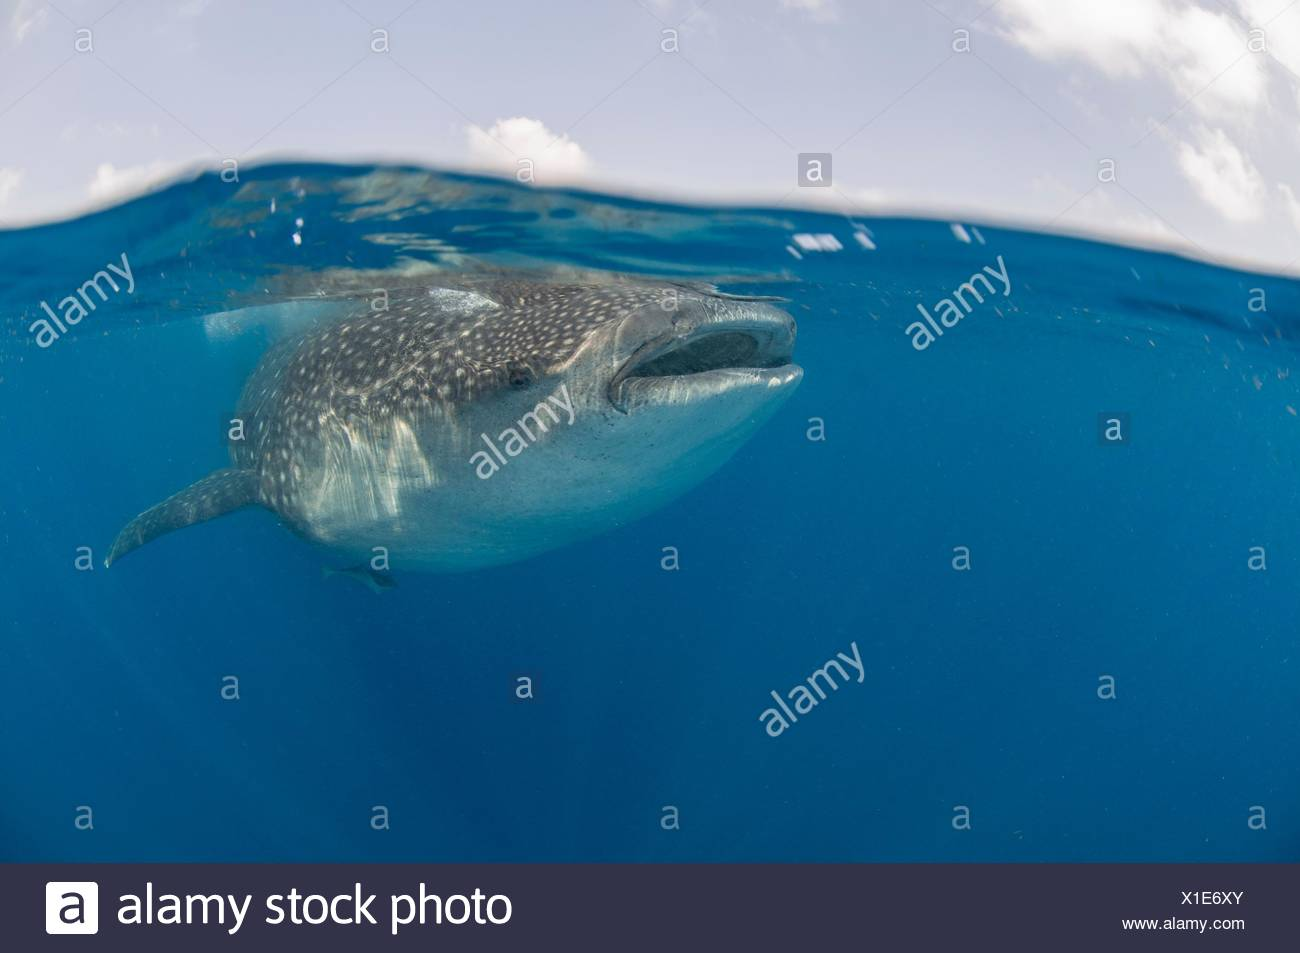 Sous-vue de requin-baleine géant se nourrissant d'œufs de poisson, l'île de Contoy, Quintana Roo, Mexique Photo Stock